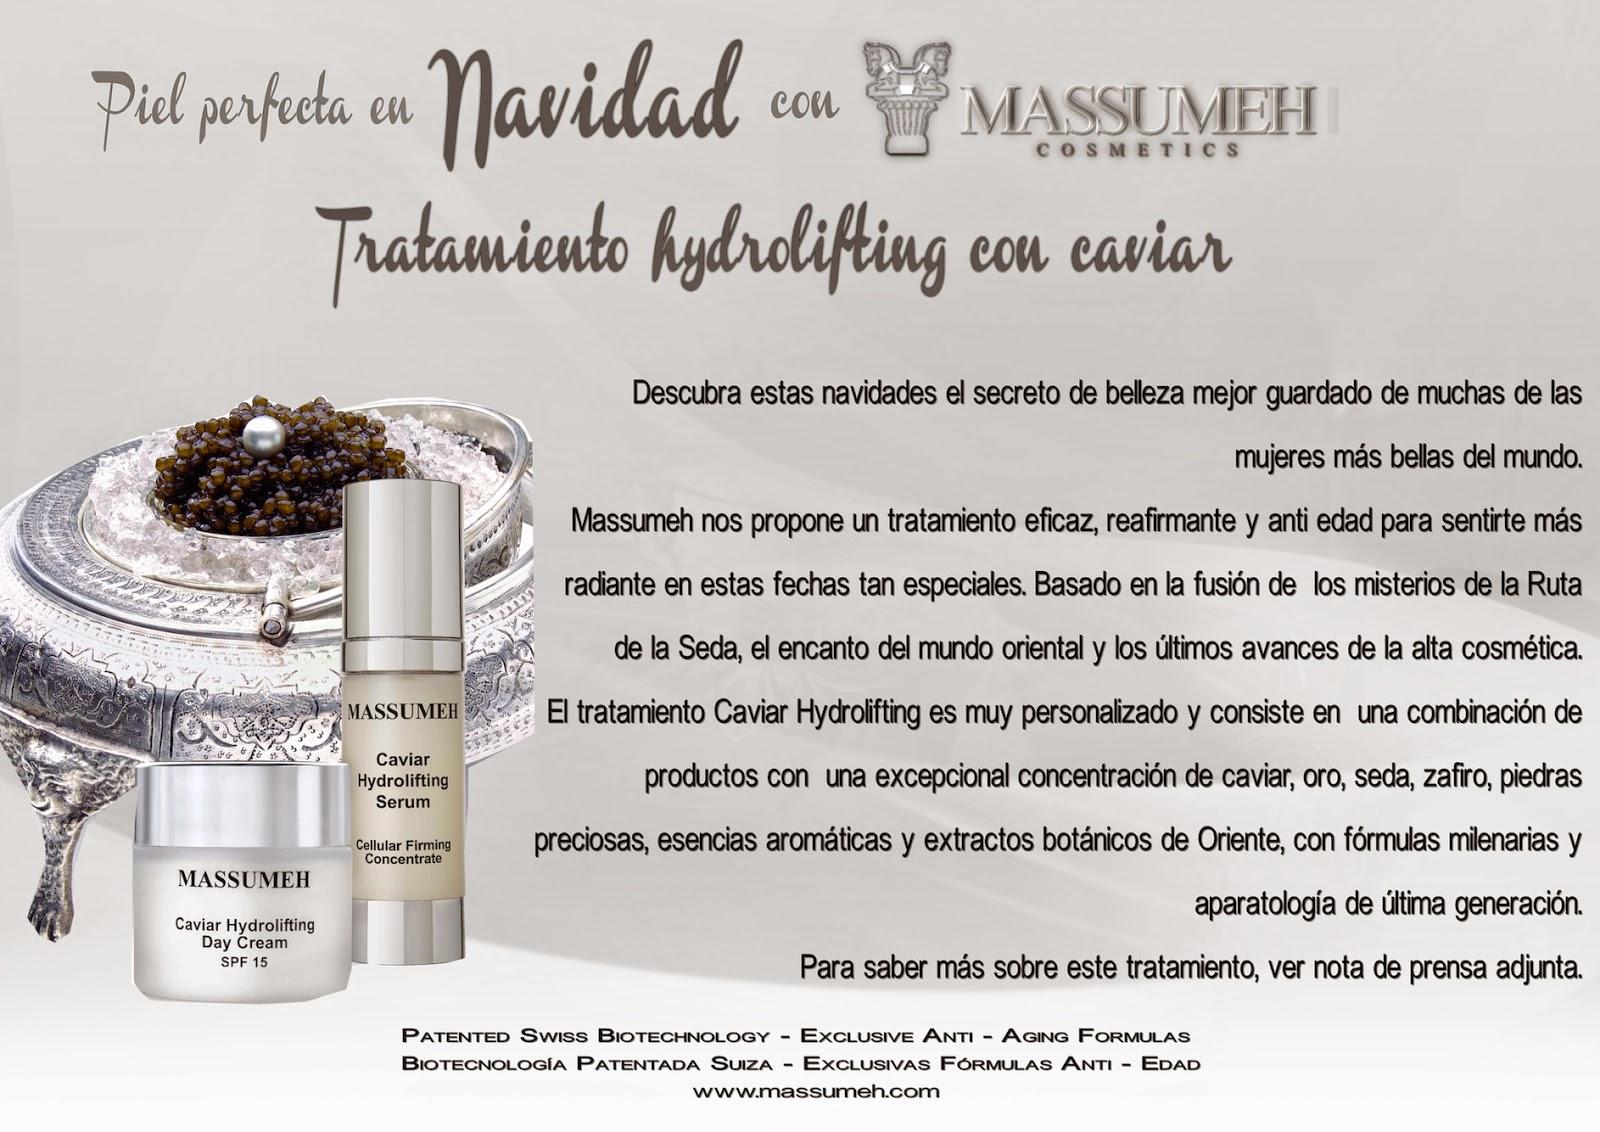 Piel perfecta en Navidad con Massumeh y su tratamiento hydrolifting con caviar